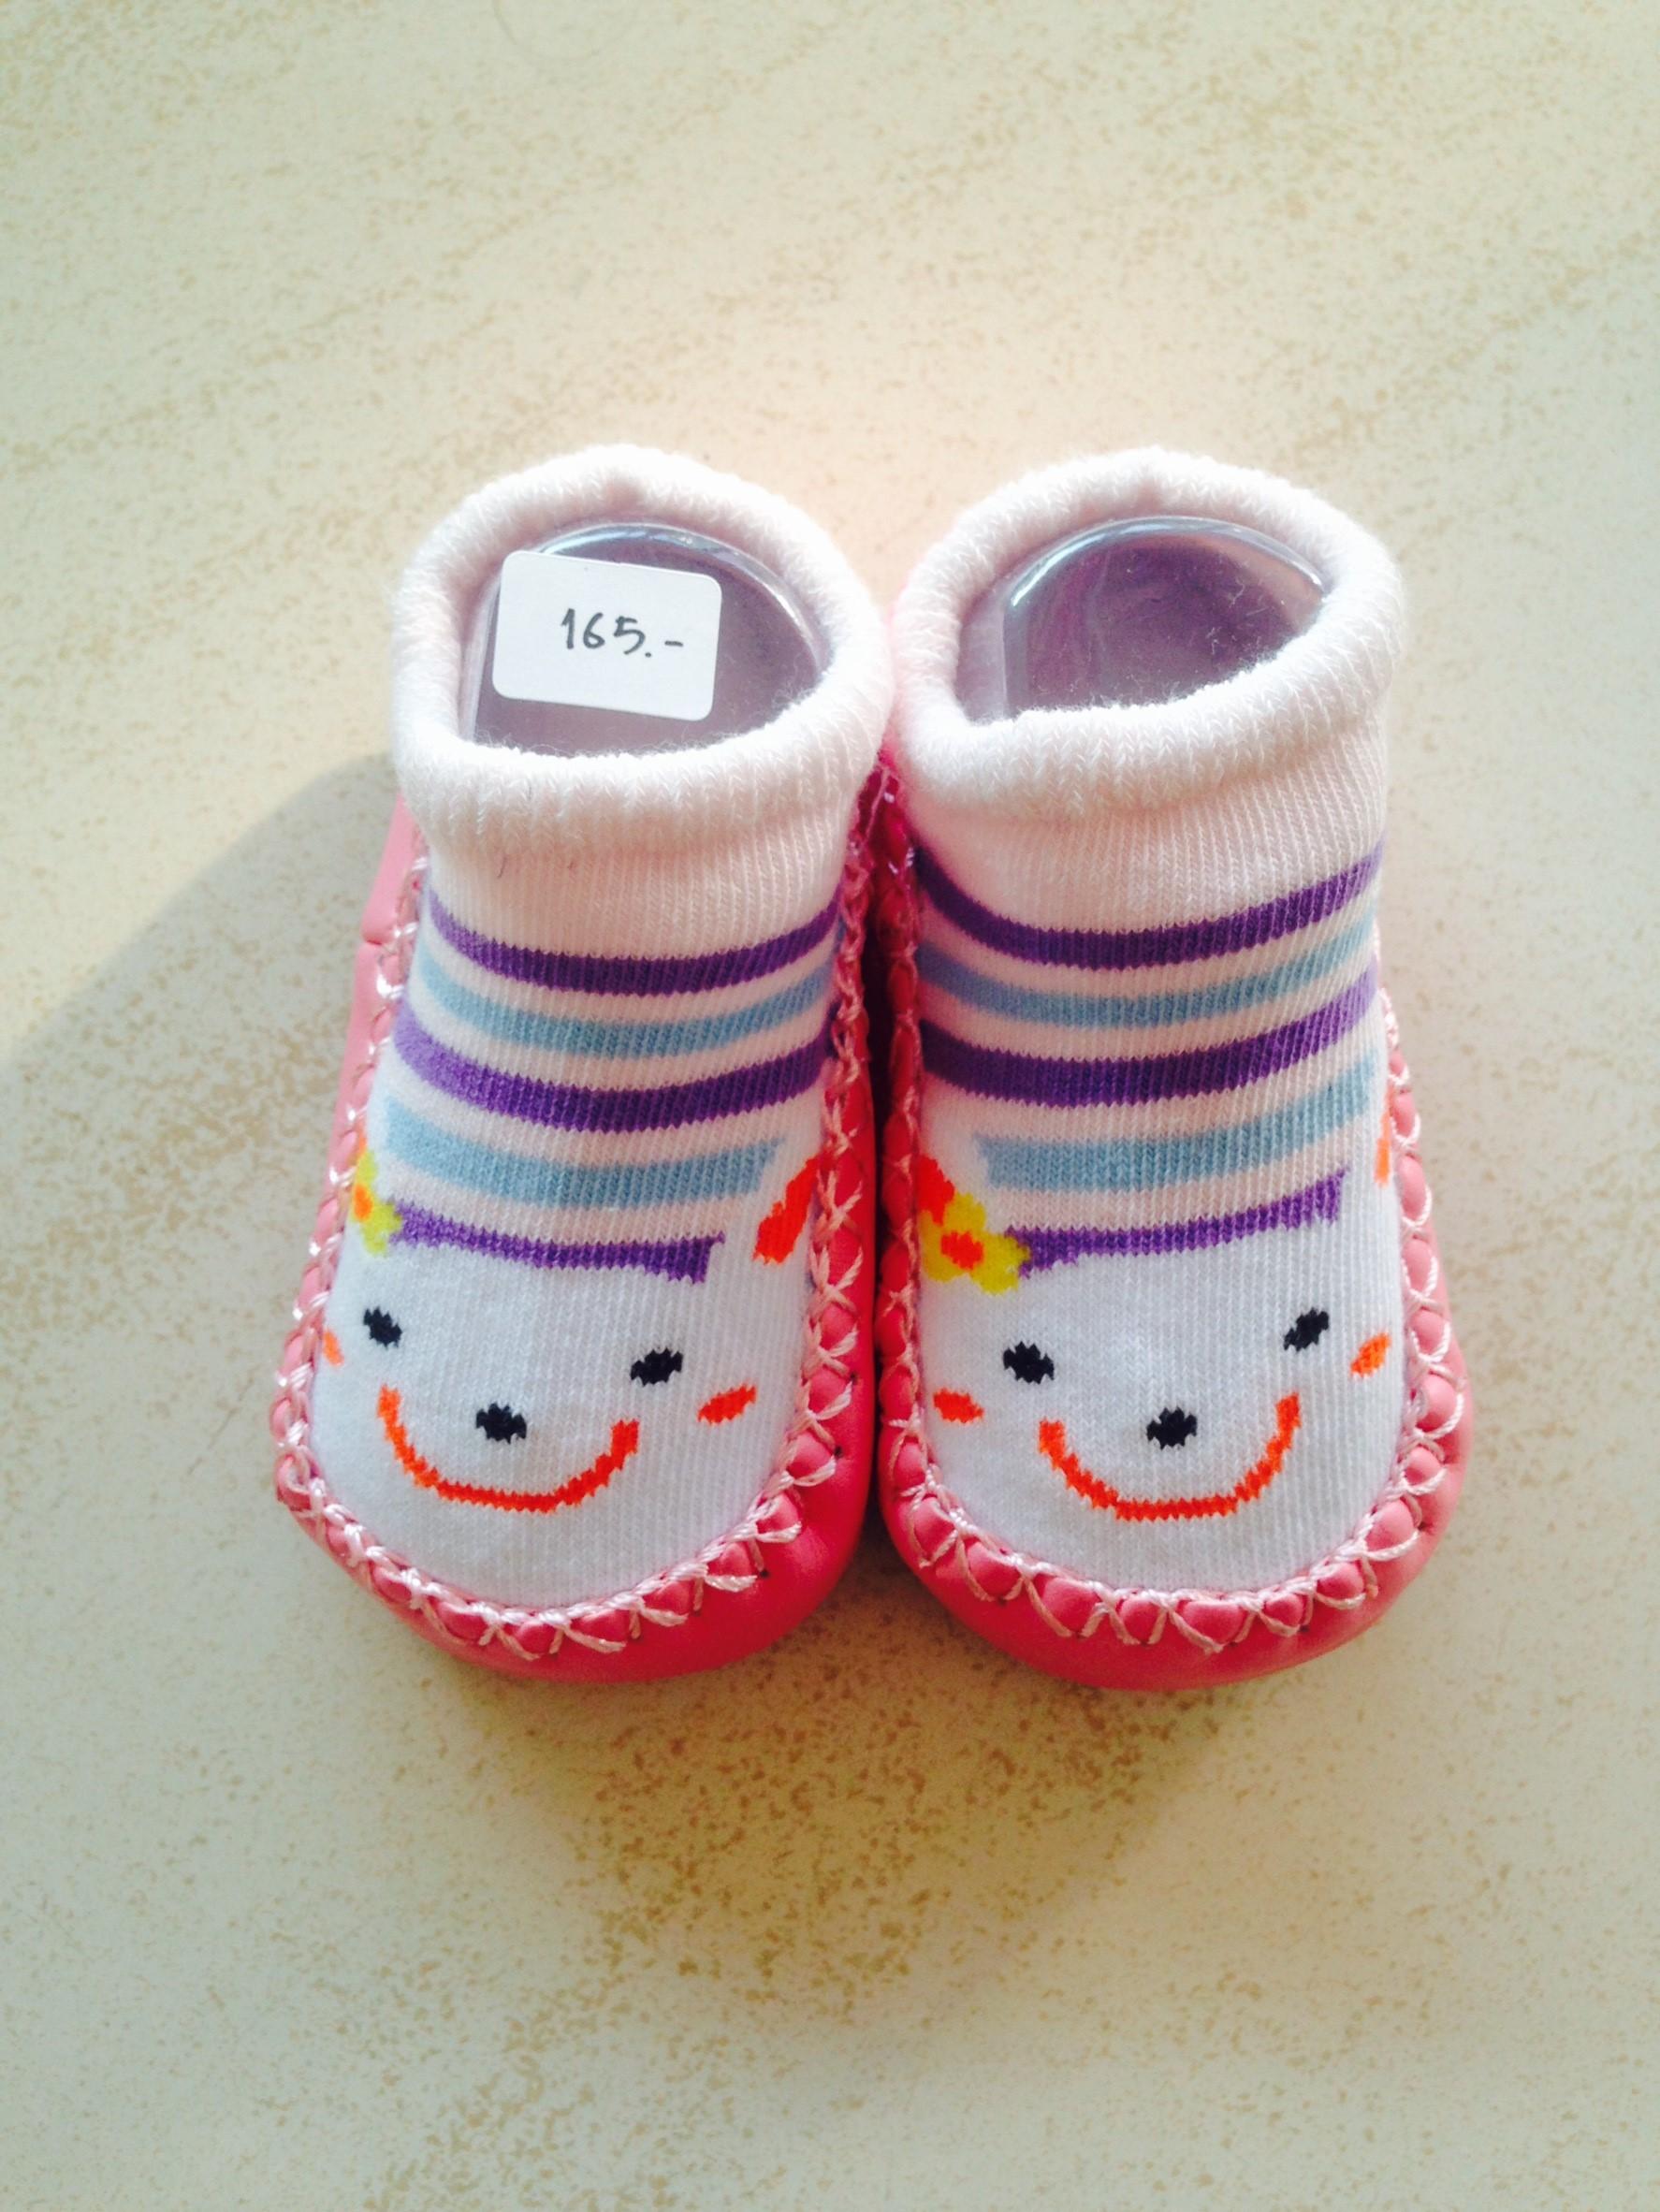 รองเท้าผ้า พื้นยางกันลื่น (6 - 12 เดือน)